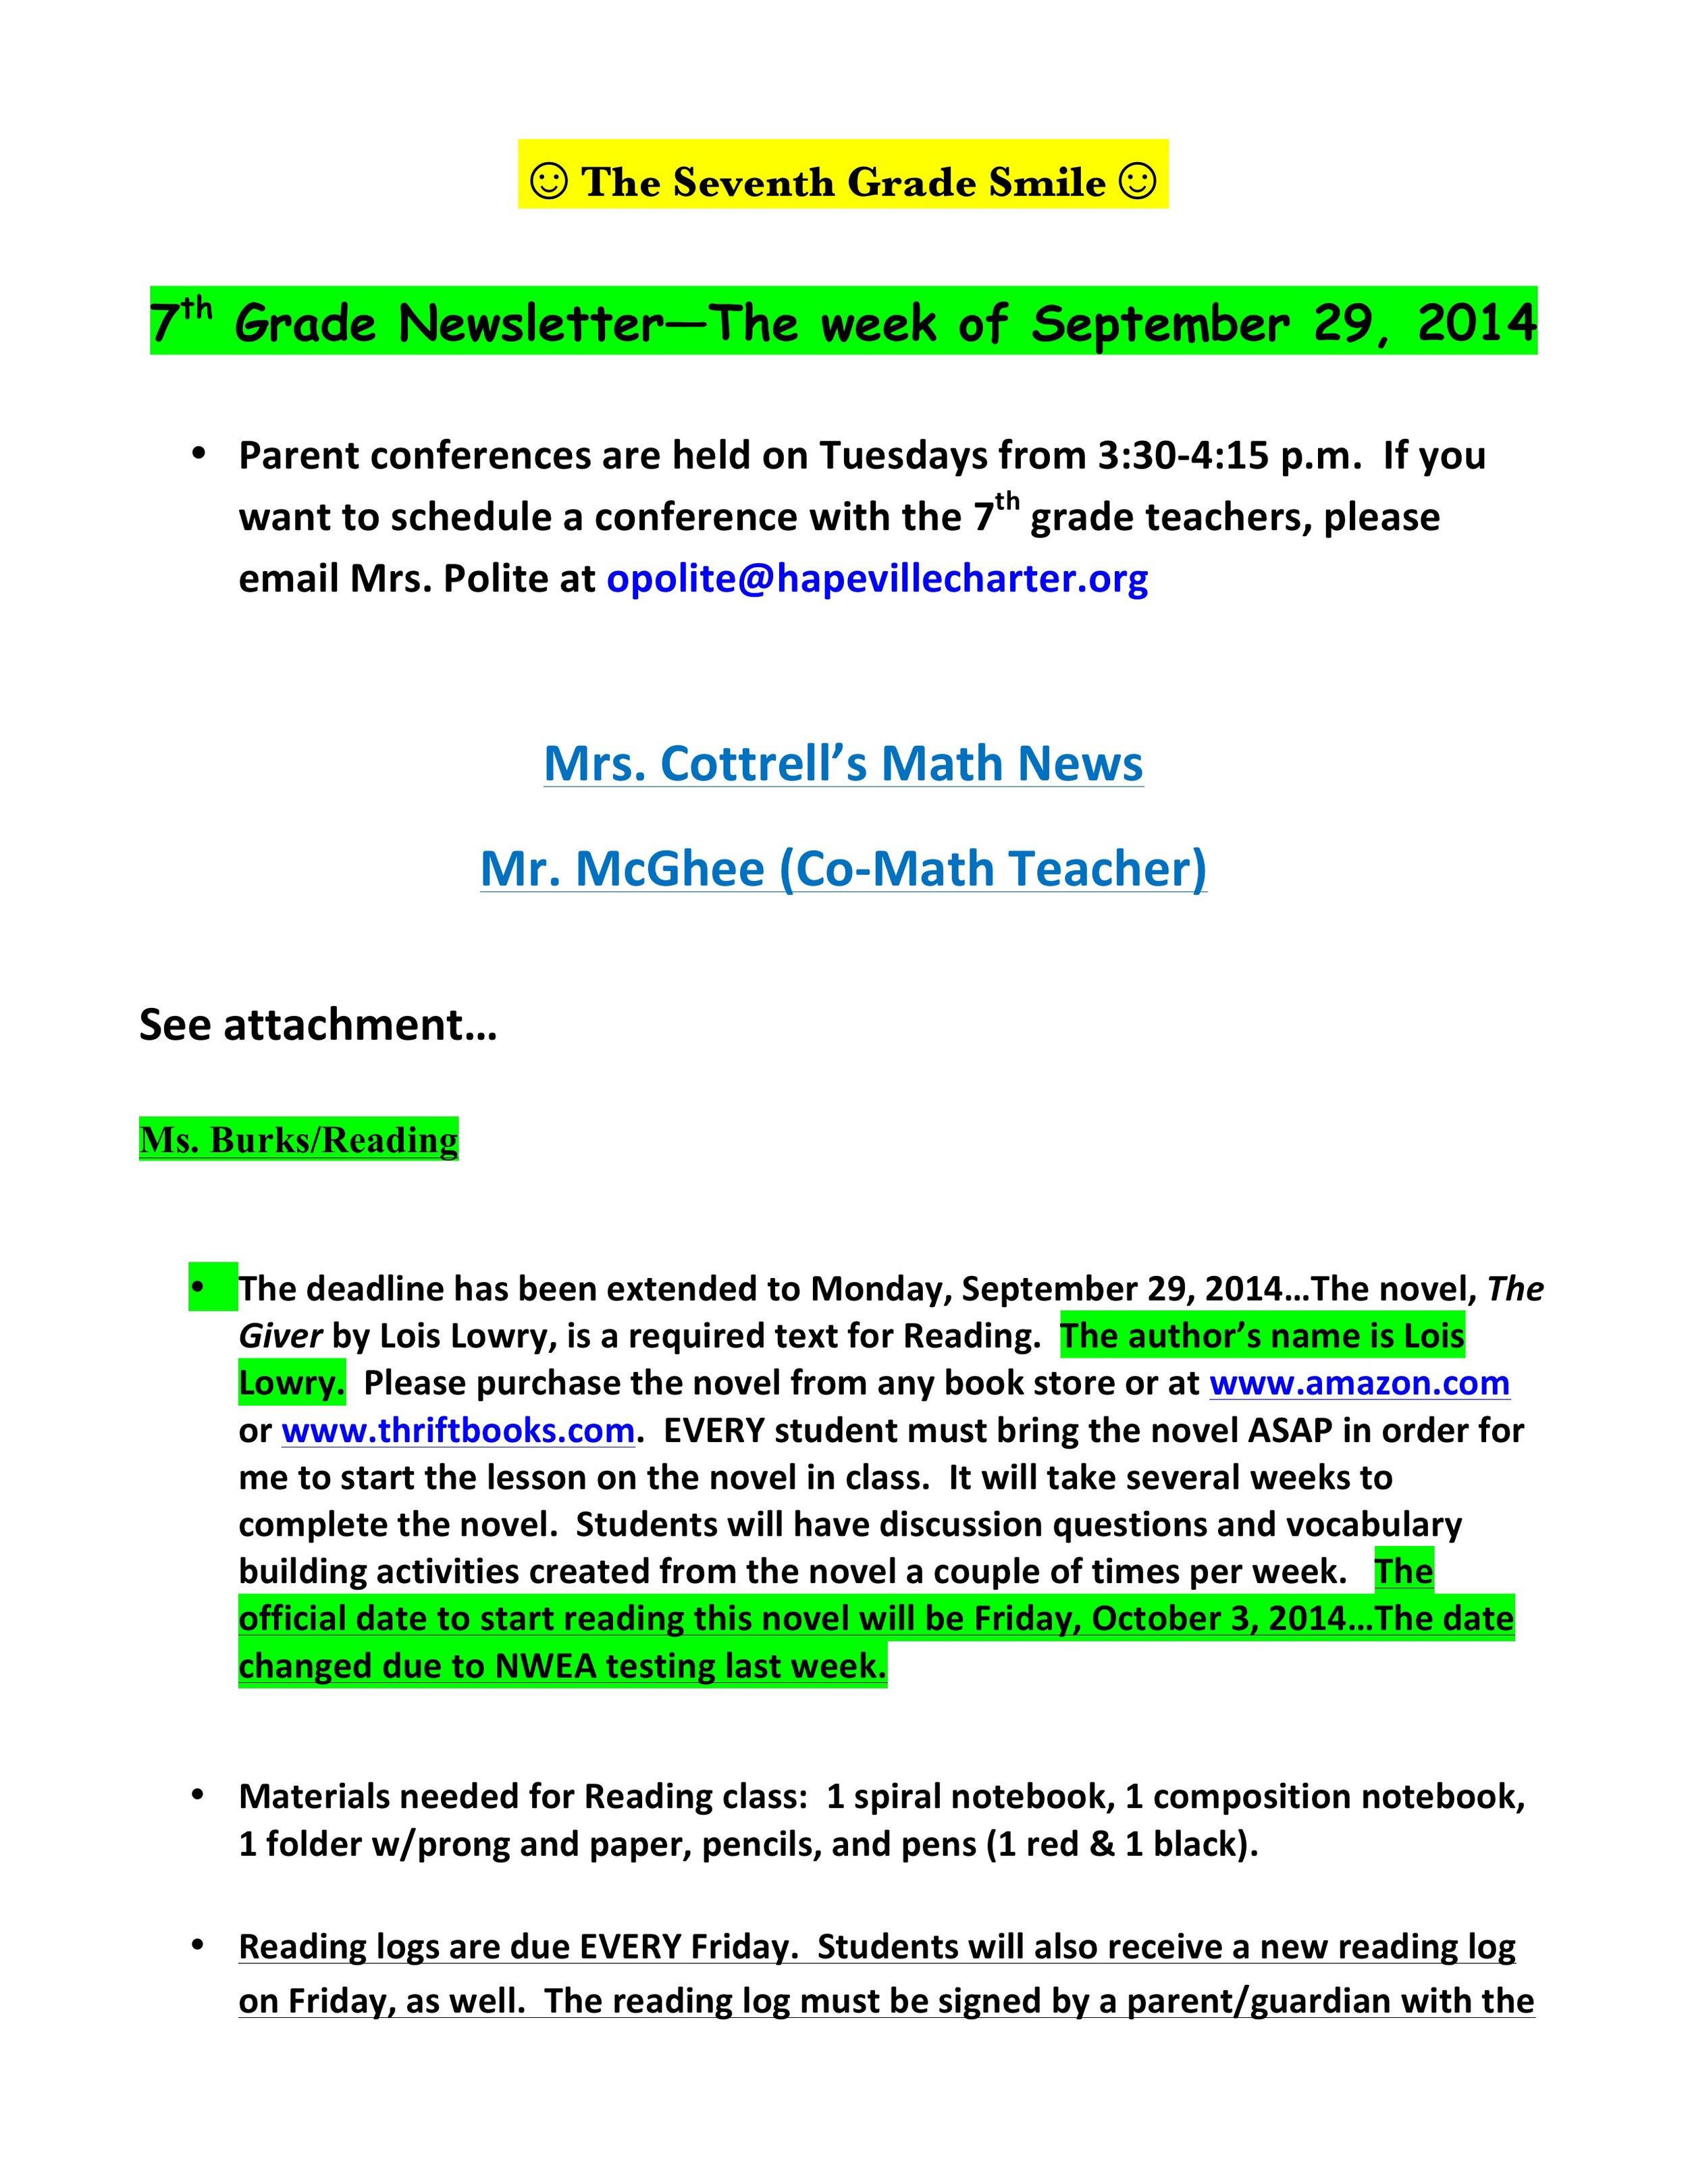 Newsletter Image7th Newsletter September 29.jpeg